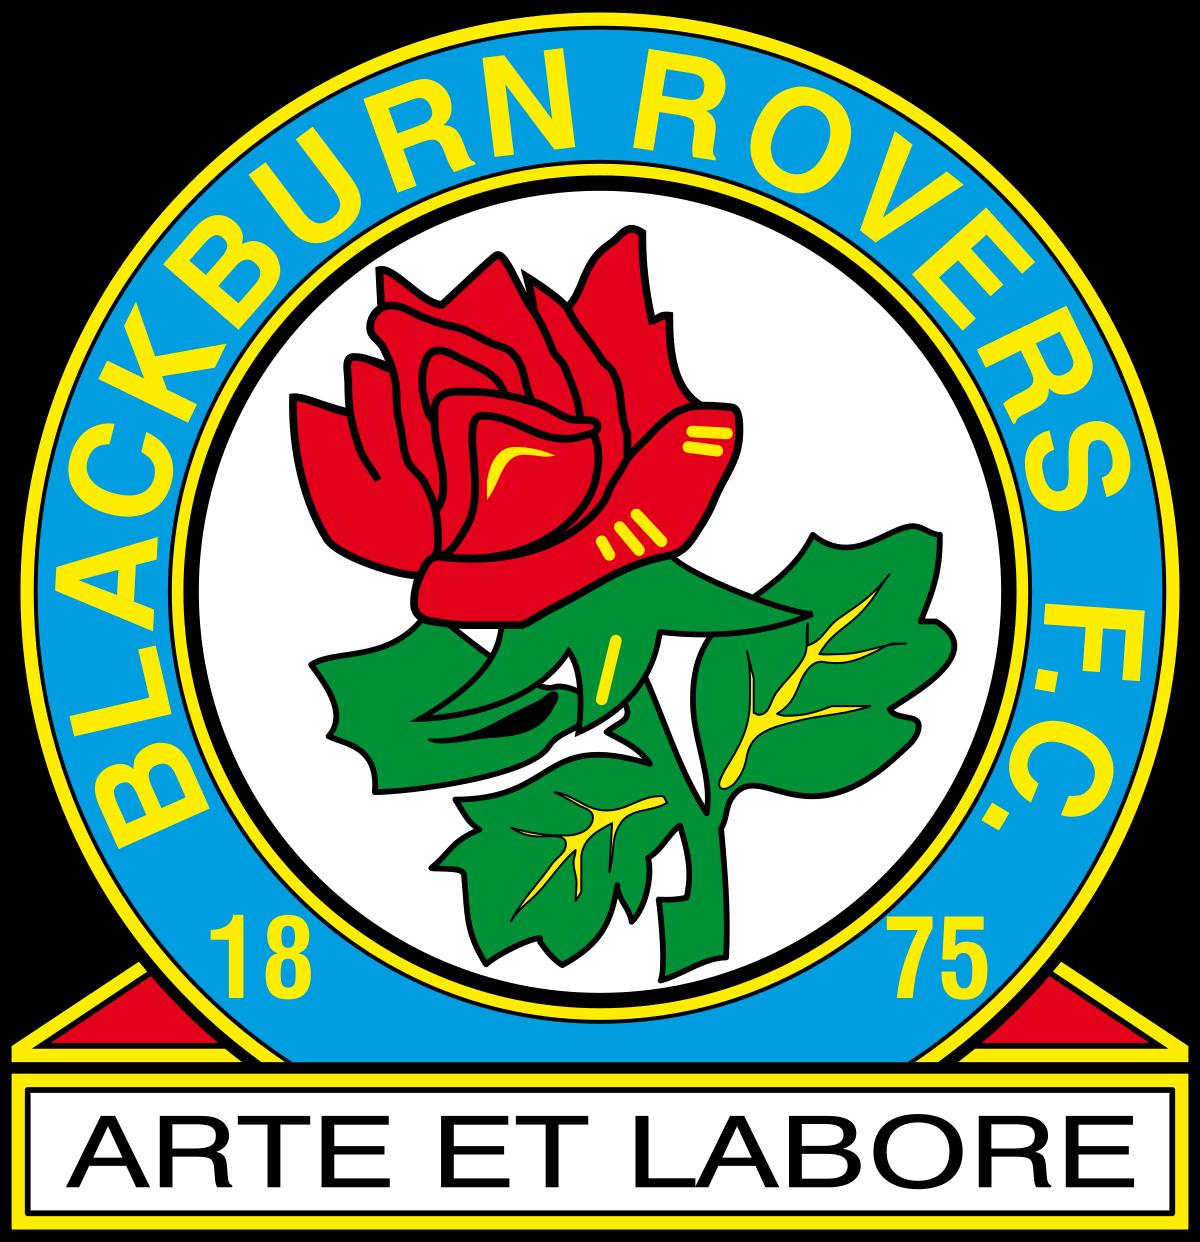 Blackburn U-18 logo